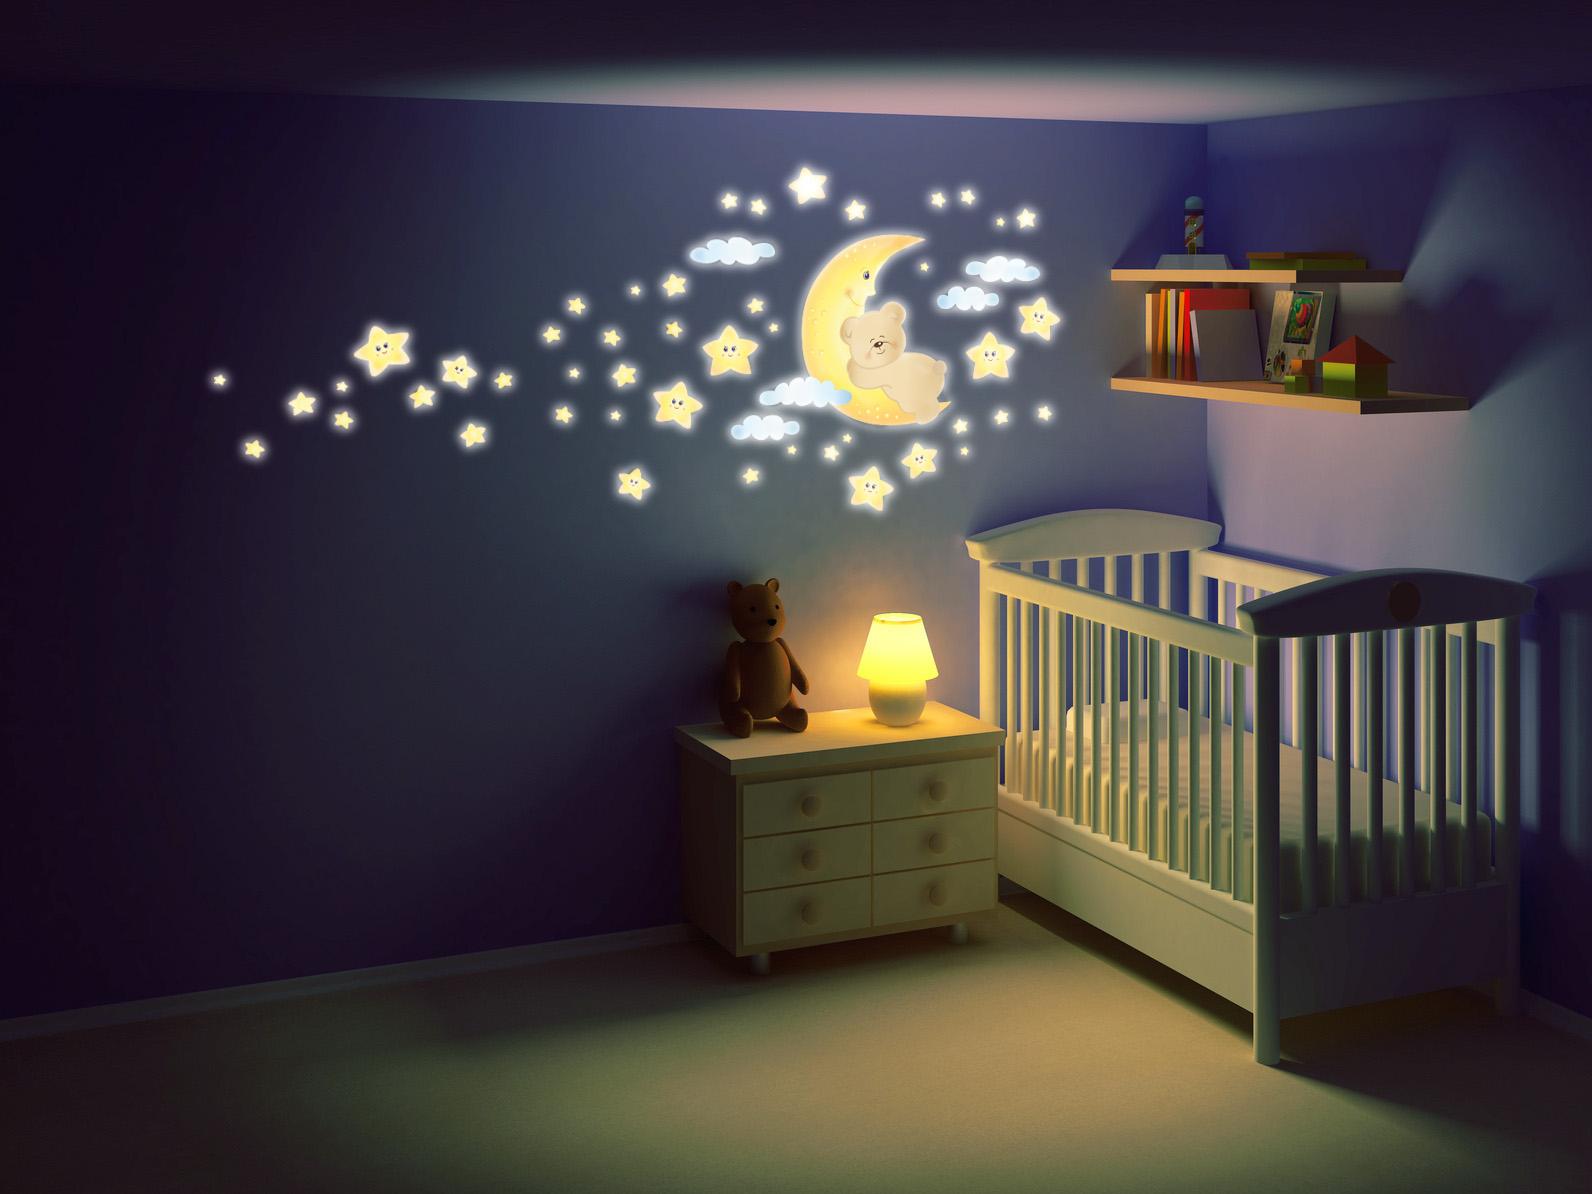 La banda del riccio magie per i pi piccoli con questi - Adesivi murali per camerette bimbi ...